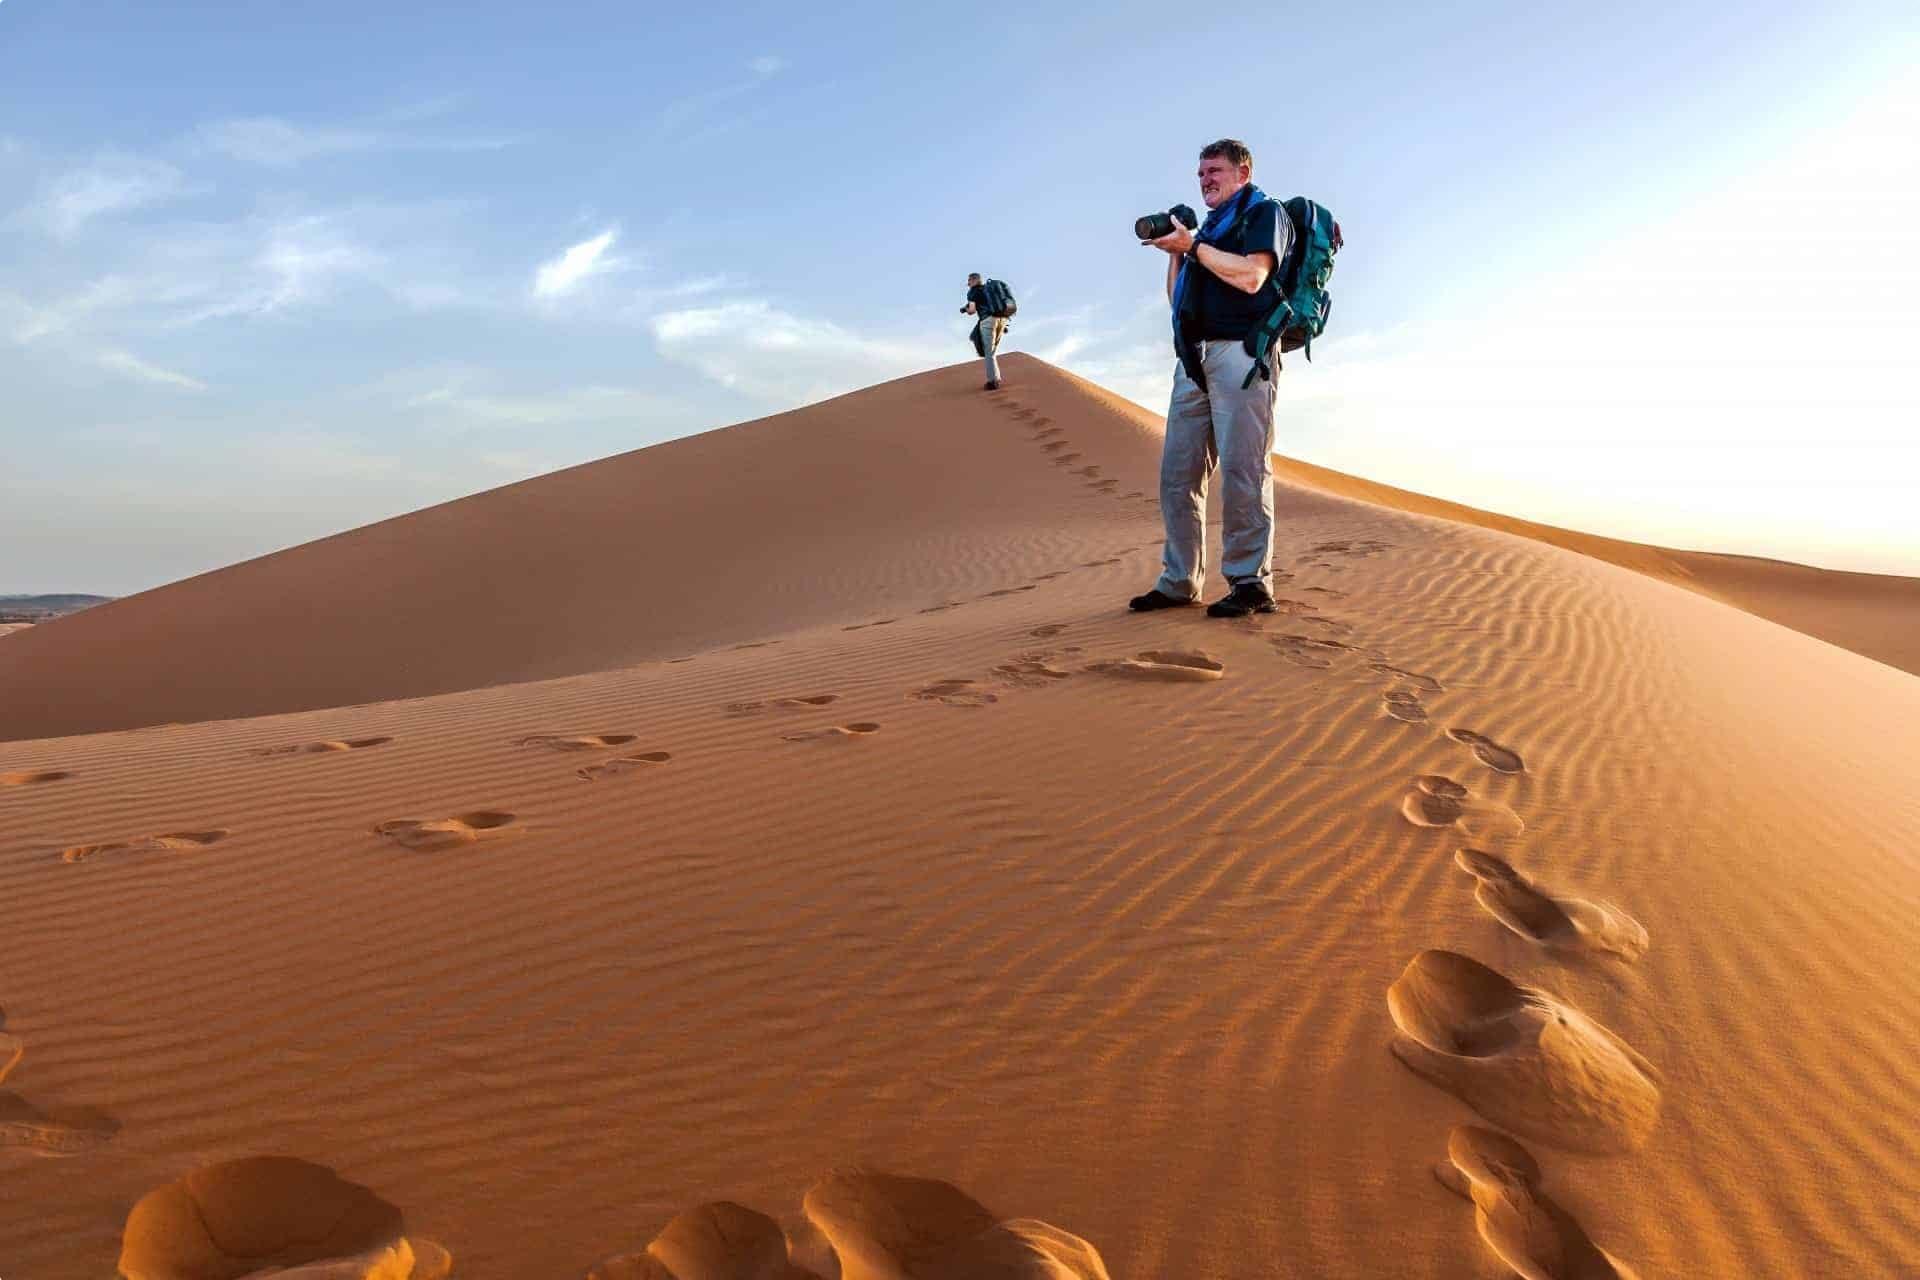 morocco sand dune seniors desert